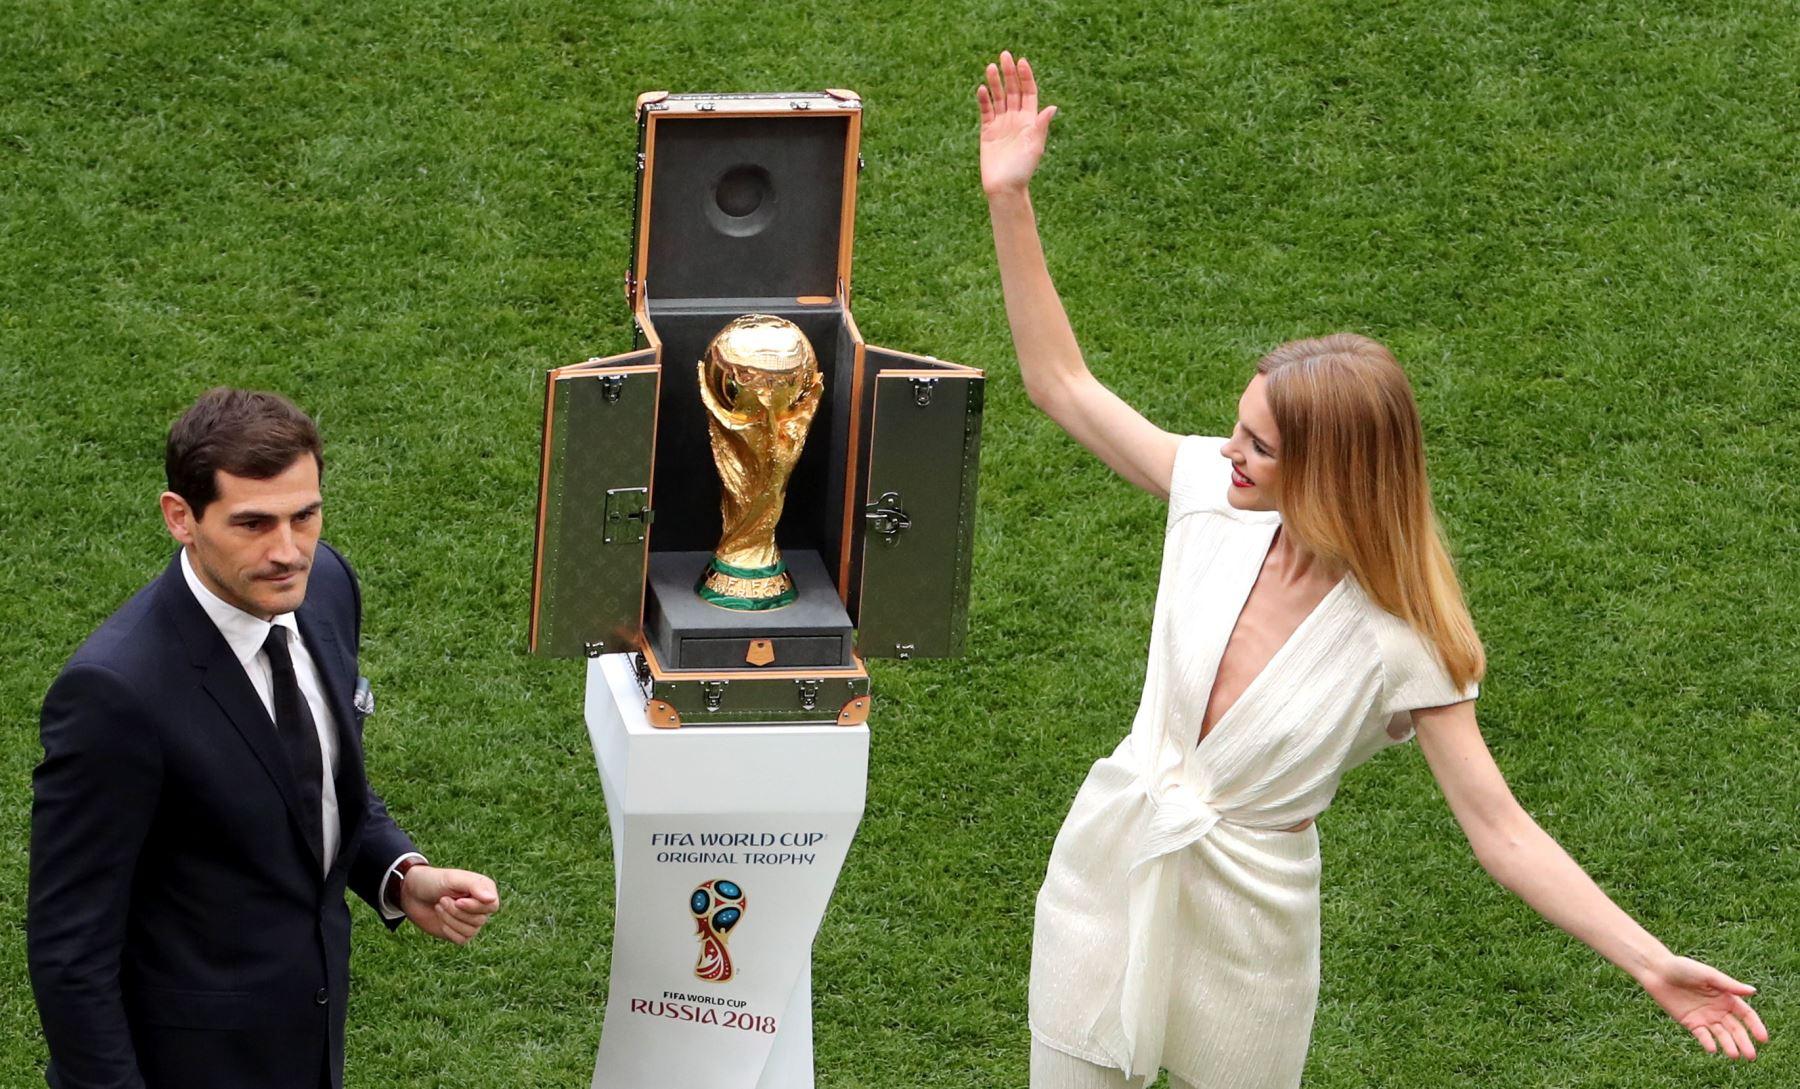 El portero español Iker Casillas  y la modelo rusa Natalia Vodianova presentan el trofeo de la Copa Mundial antes del partido de la Copa Mundial de la FIFA 2018 Un partido de fútbol preliminar preliminar entre Rusia y Arabia Saudita en Moscú, Rusia. EFE